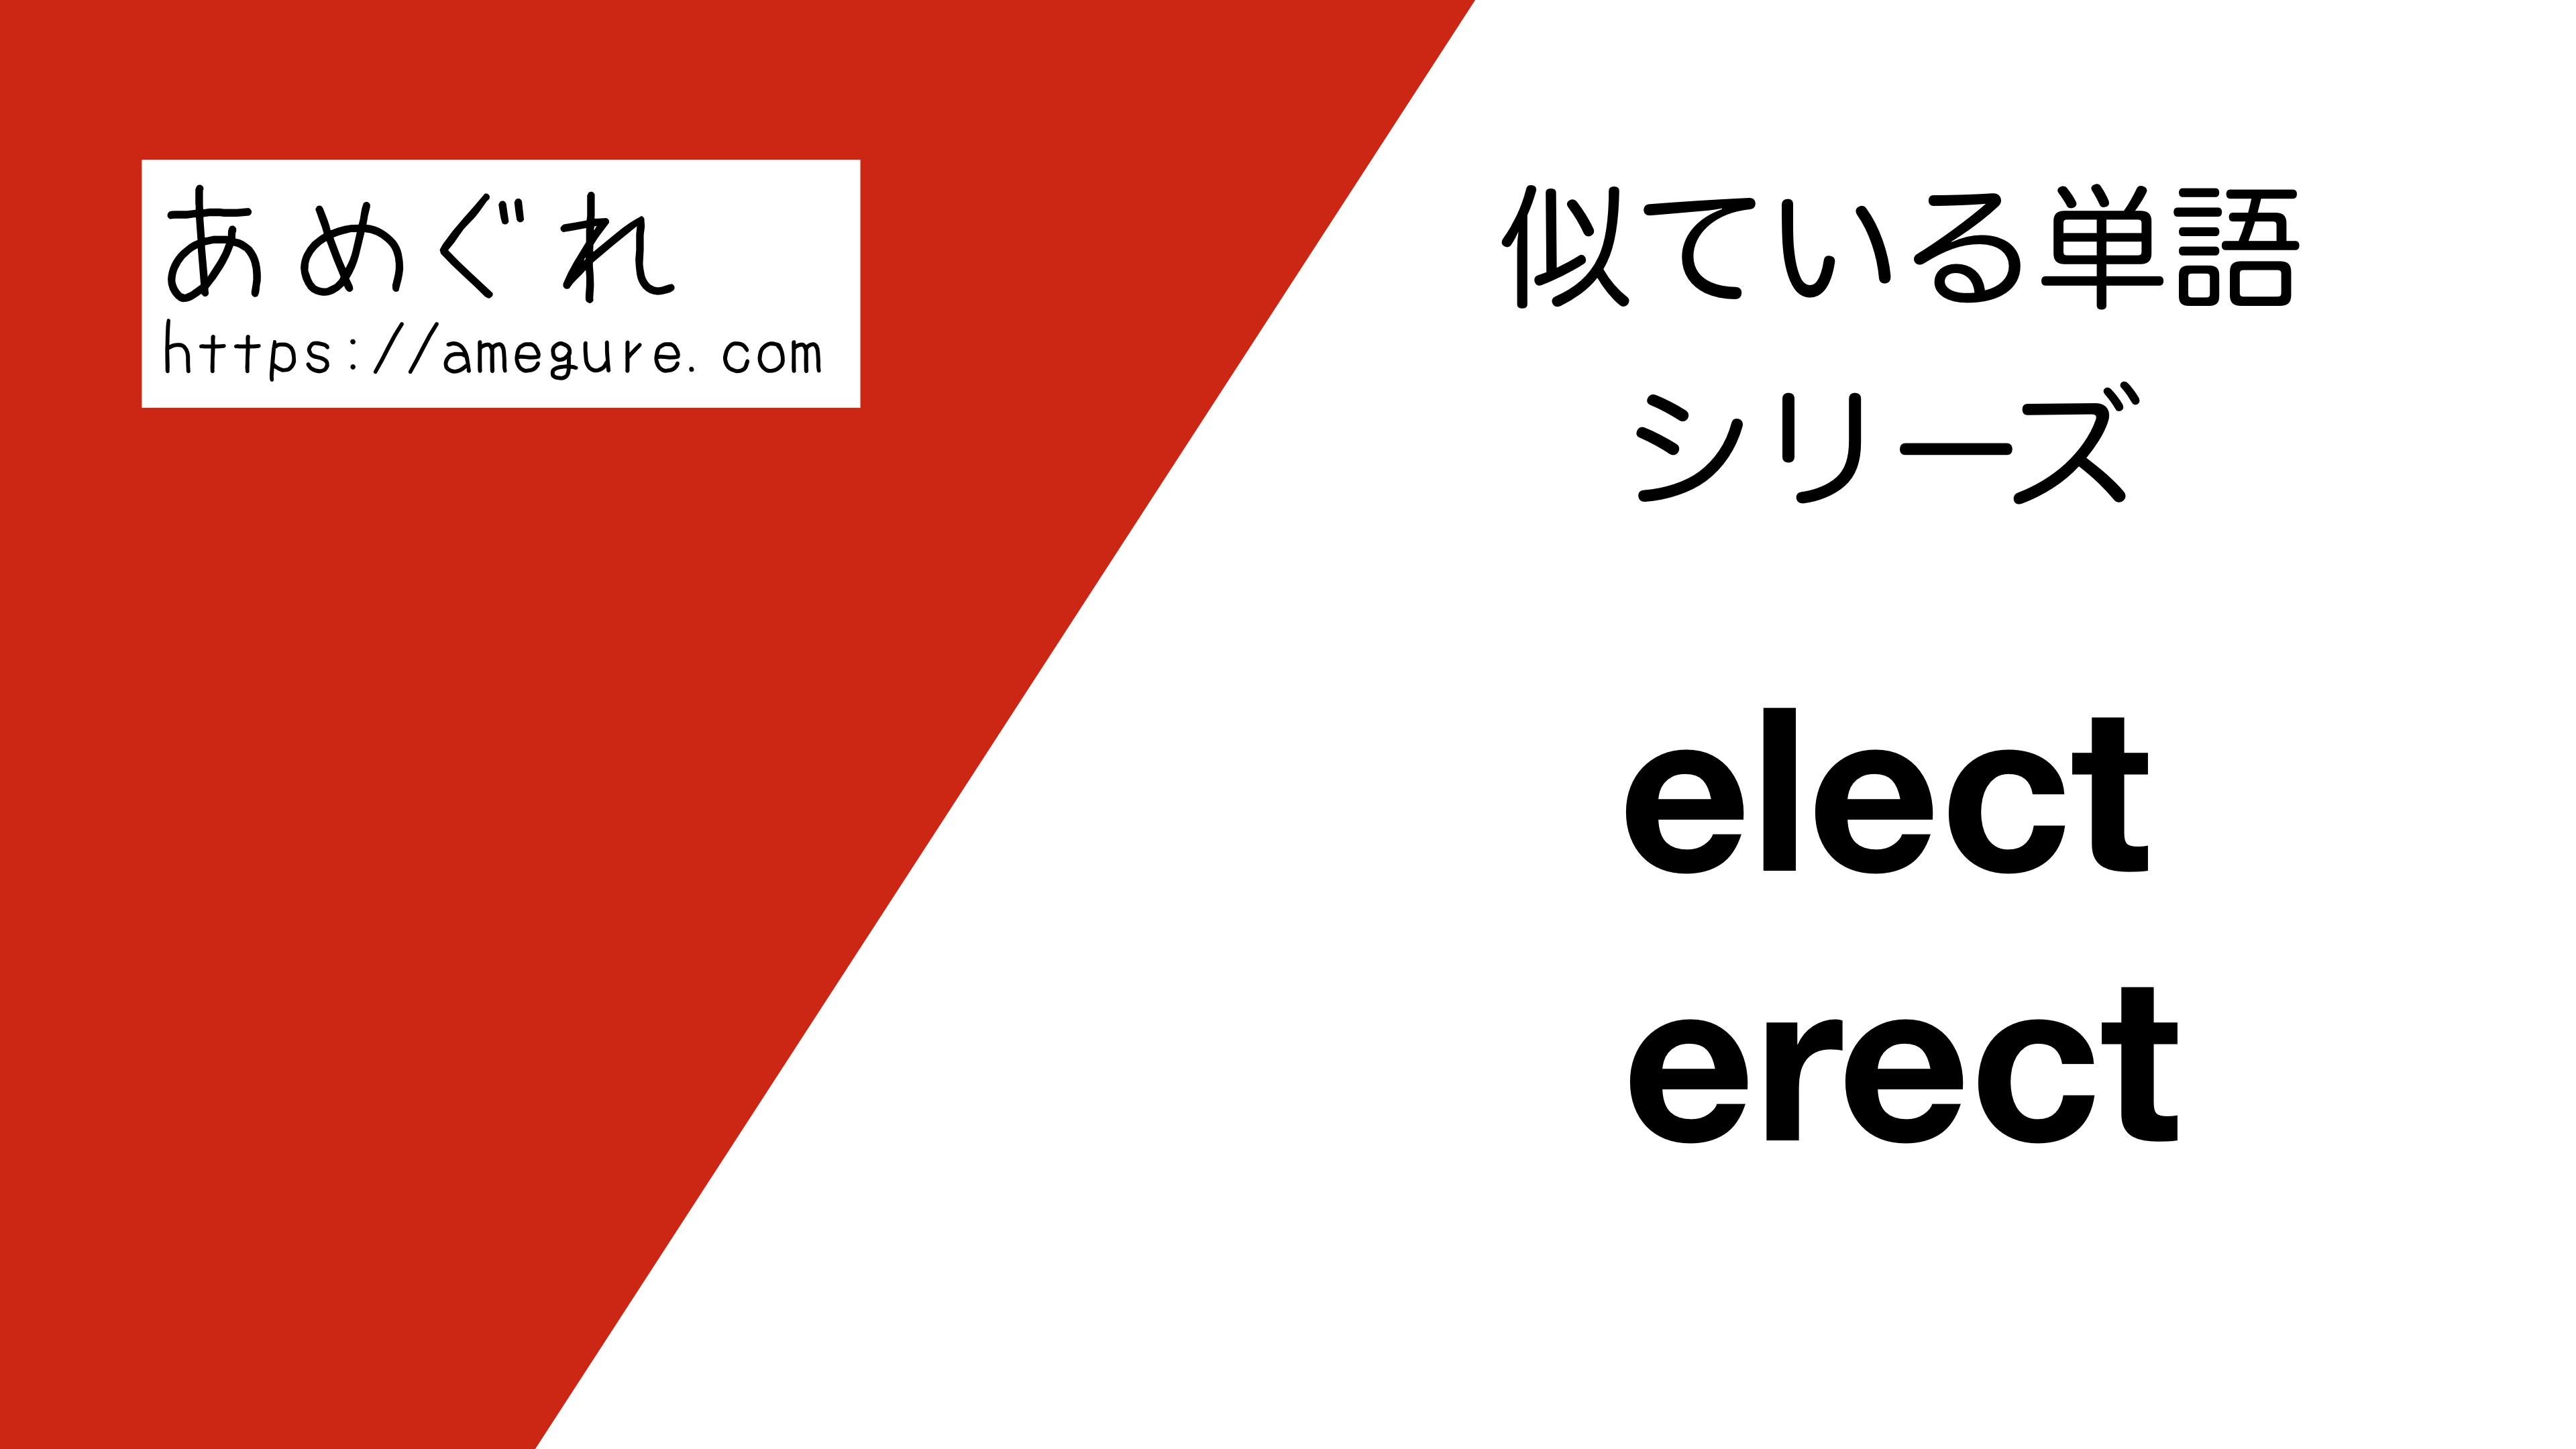 elect-erect違い